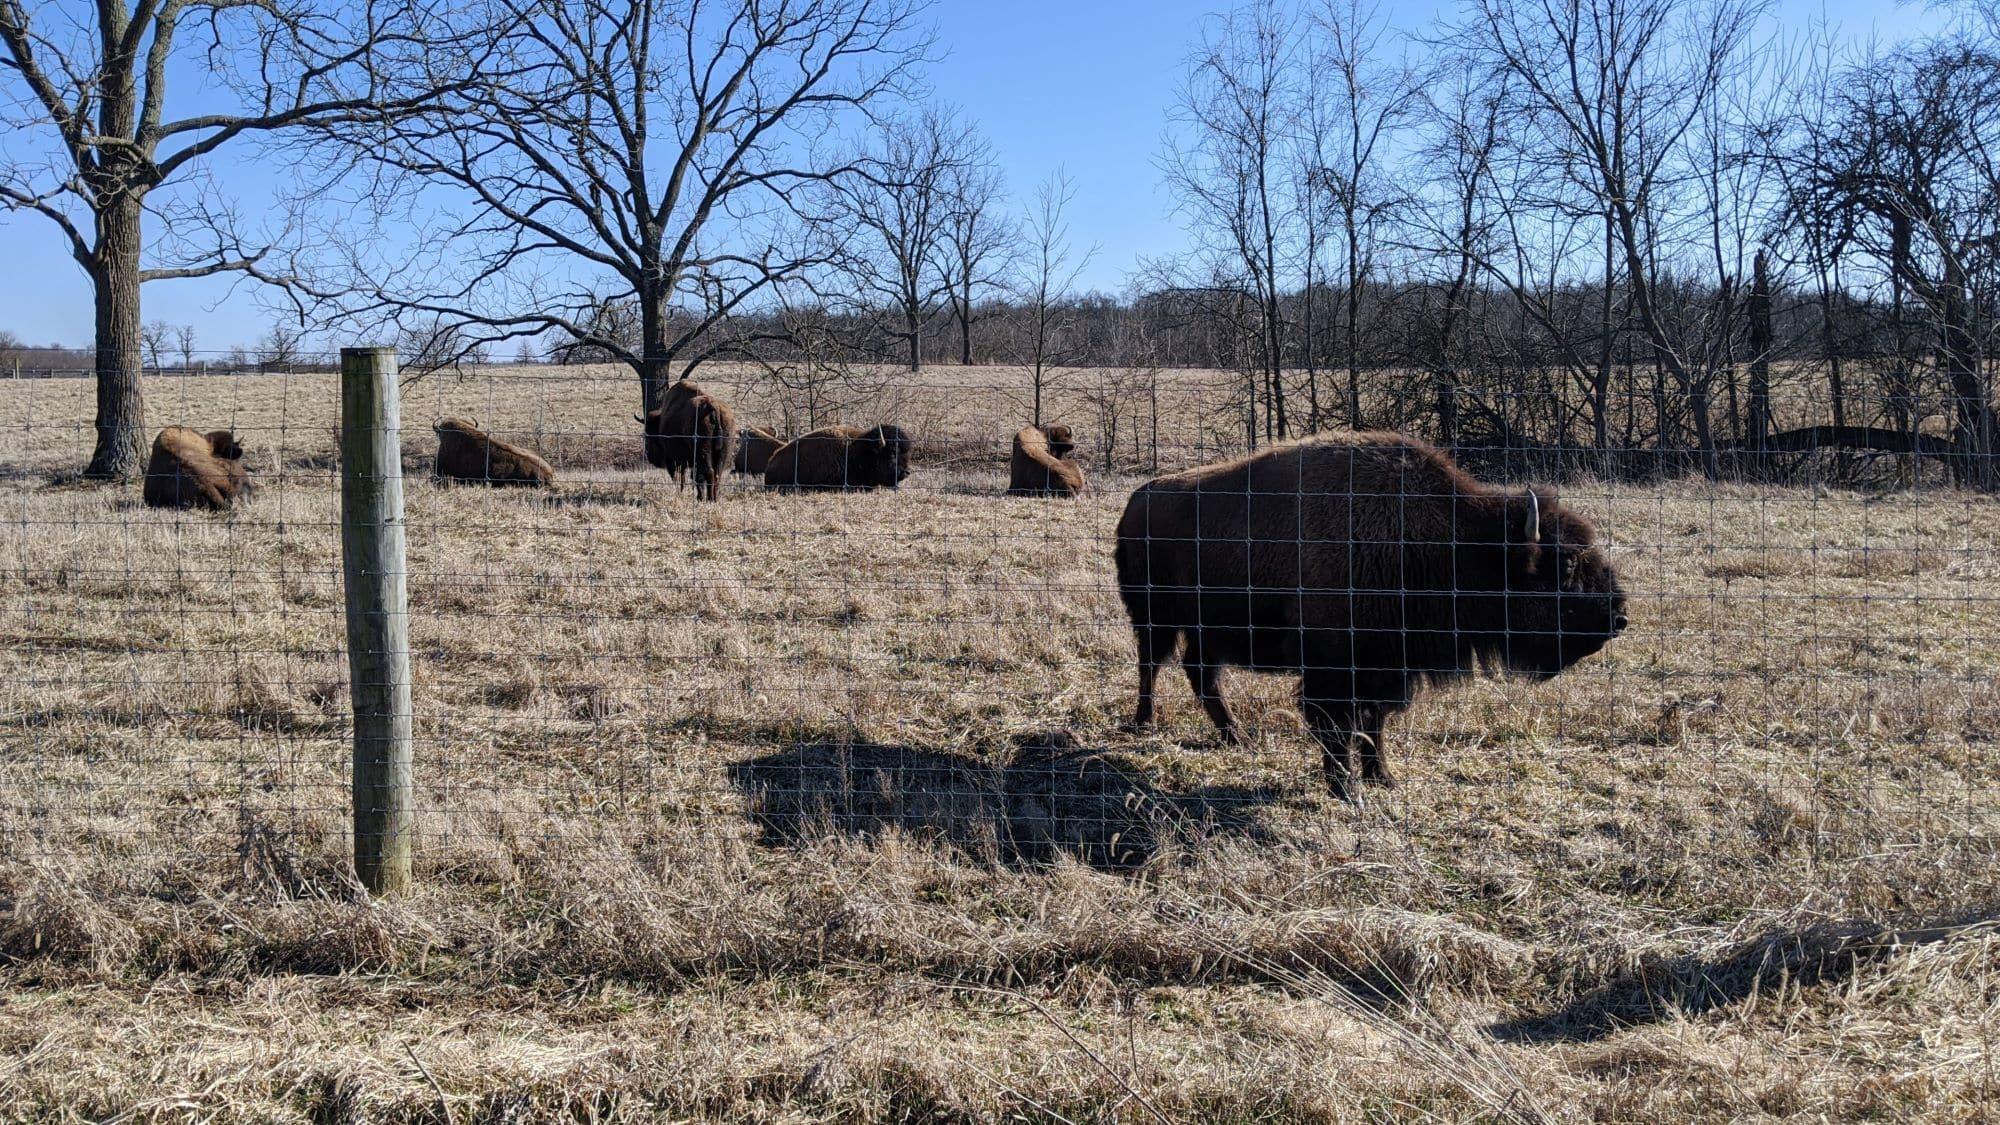 Herd of bison in their prairie enclosure at Battelle Darby